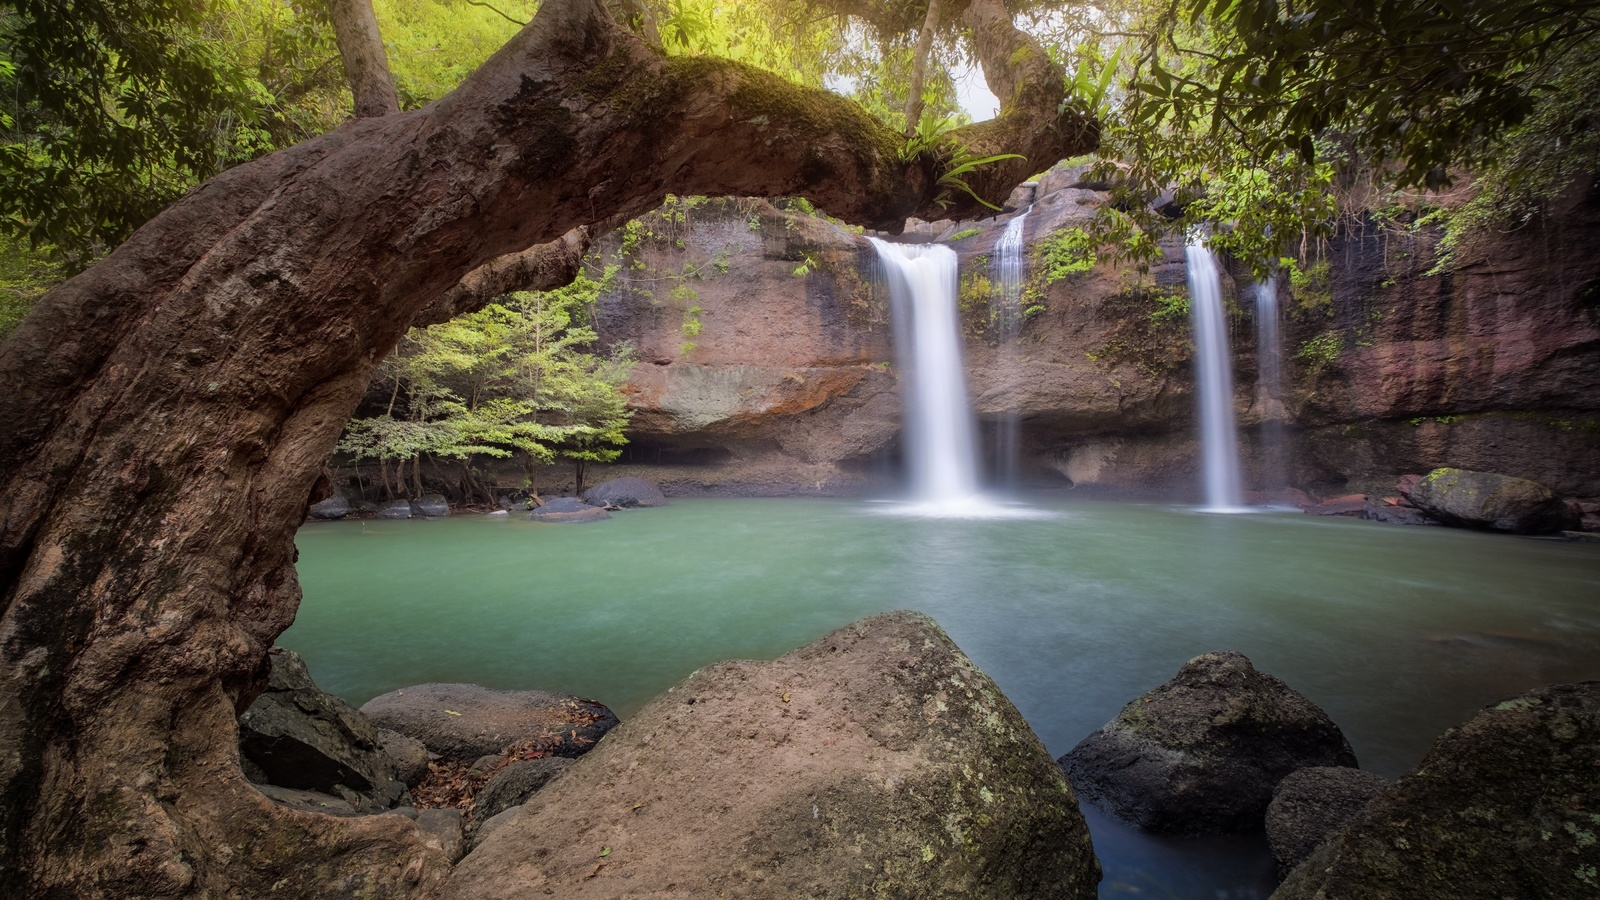 водопад, ручей, деревья, скалы